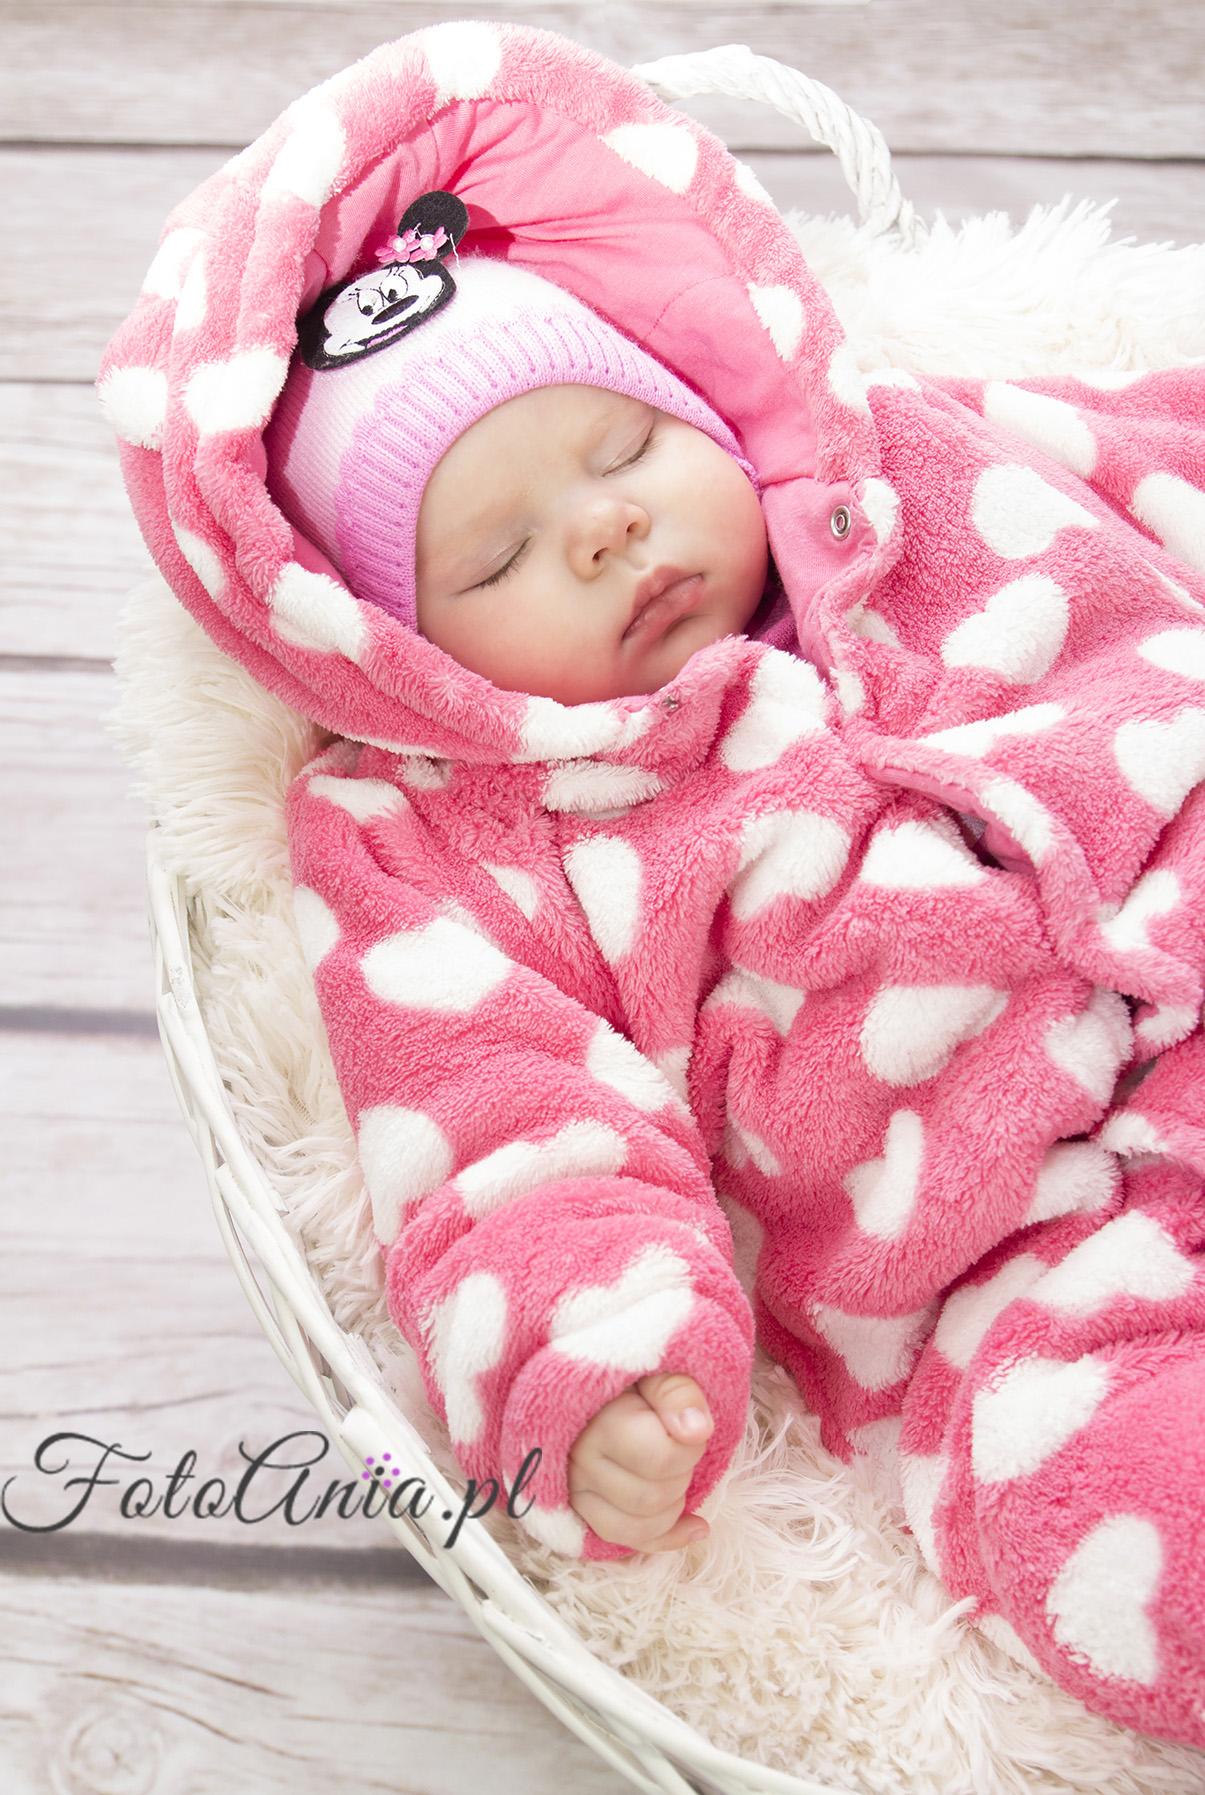 zdjecia-niemowlat-6